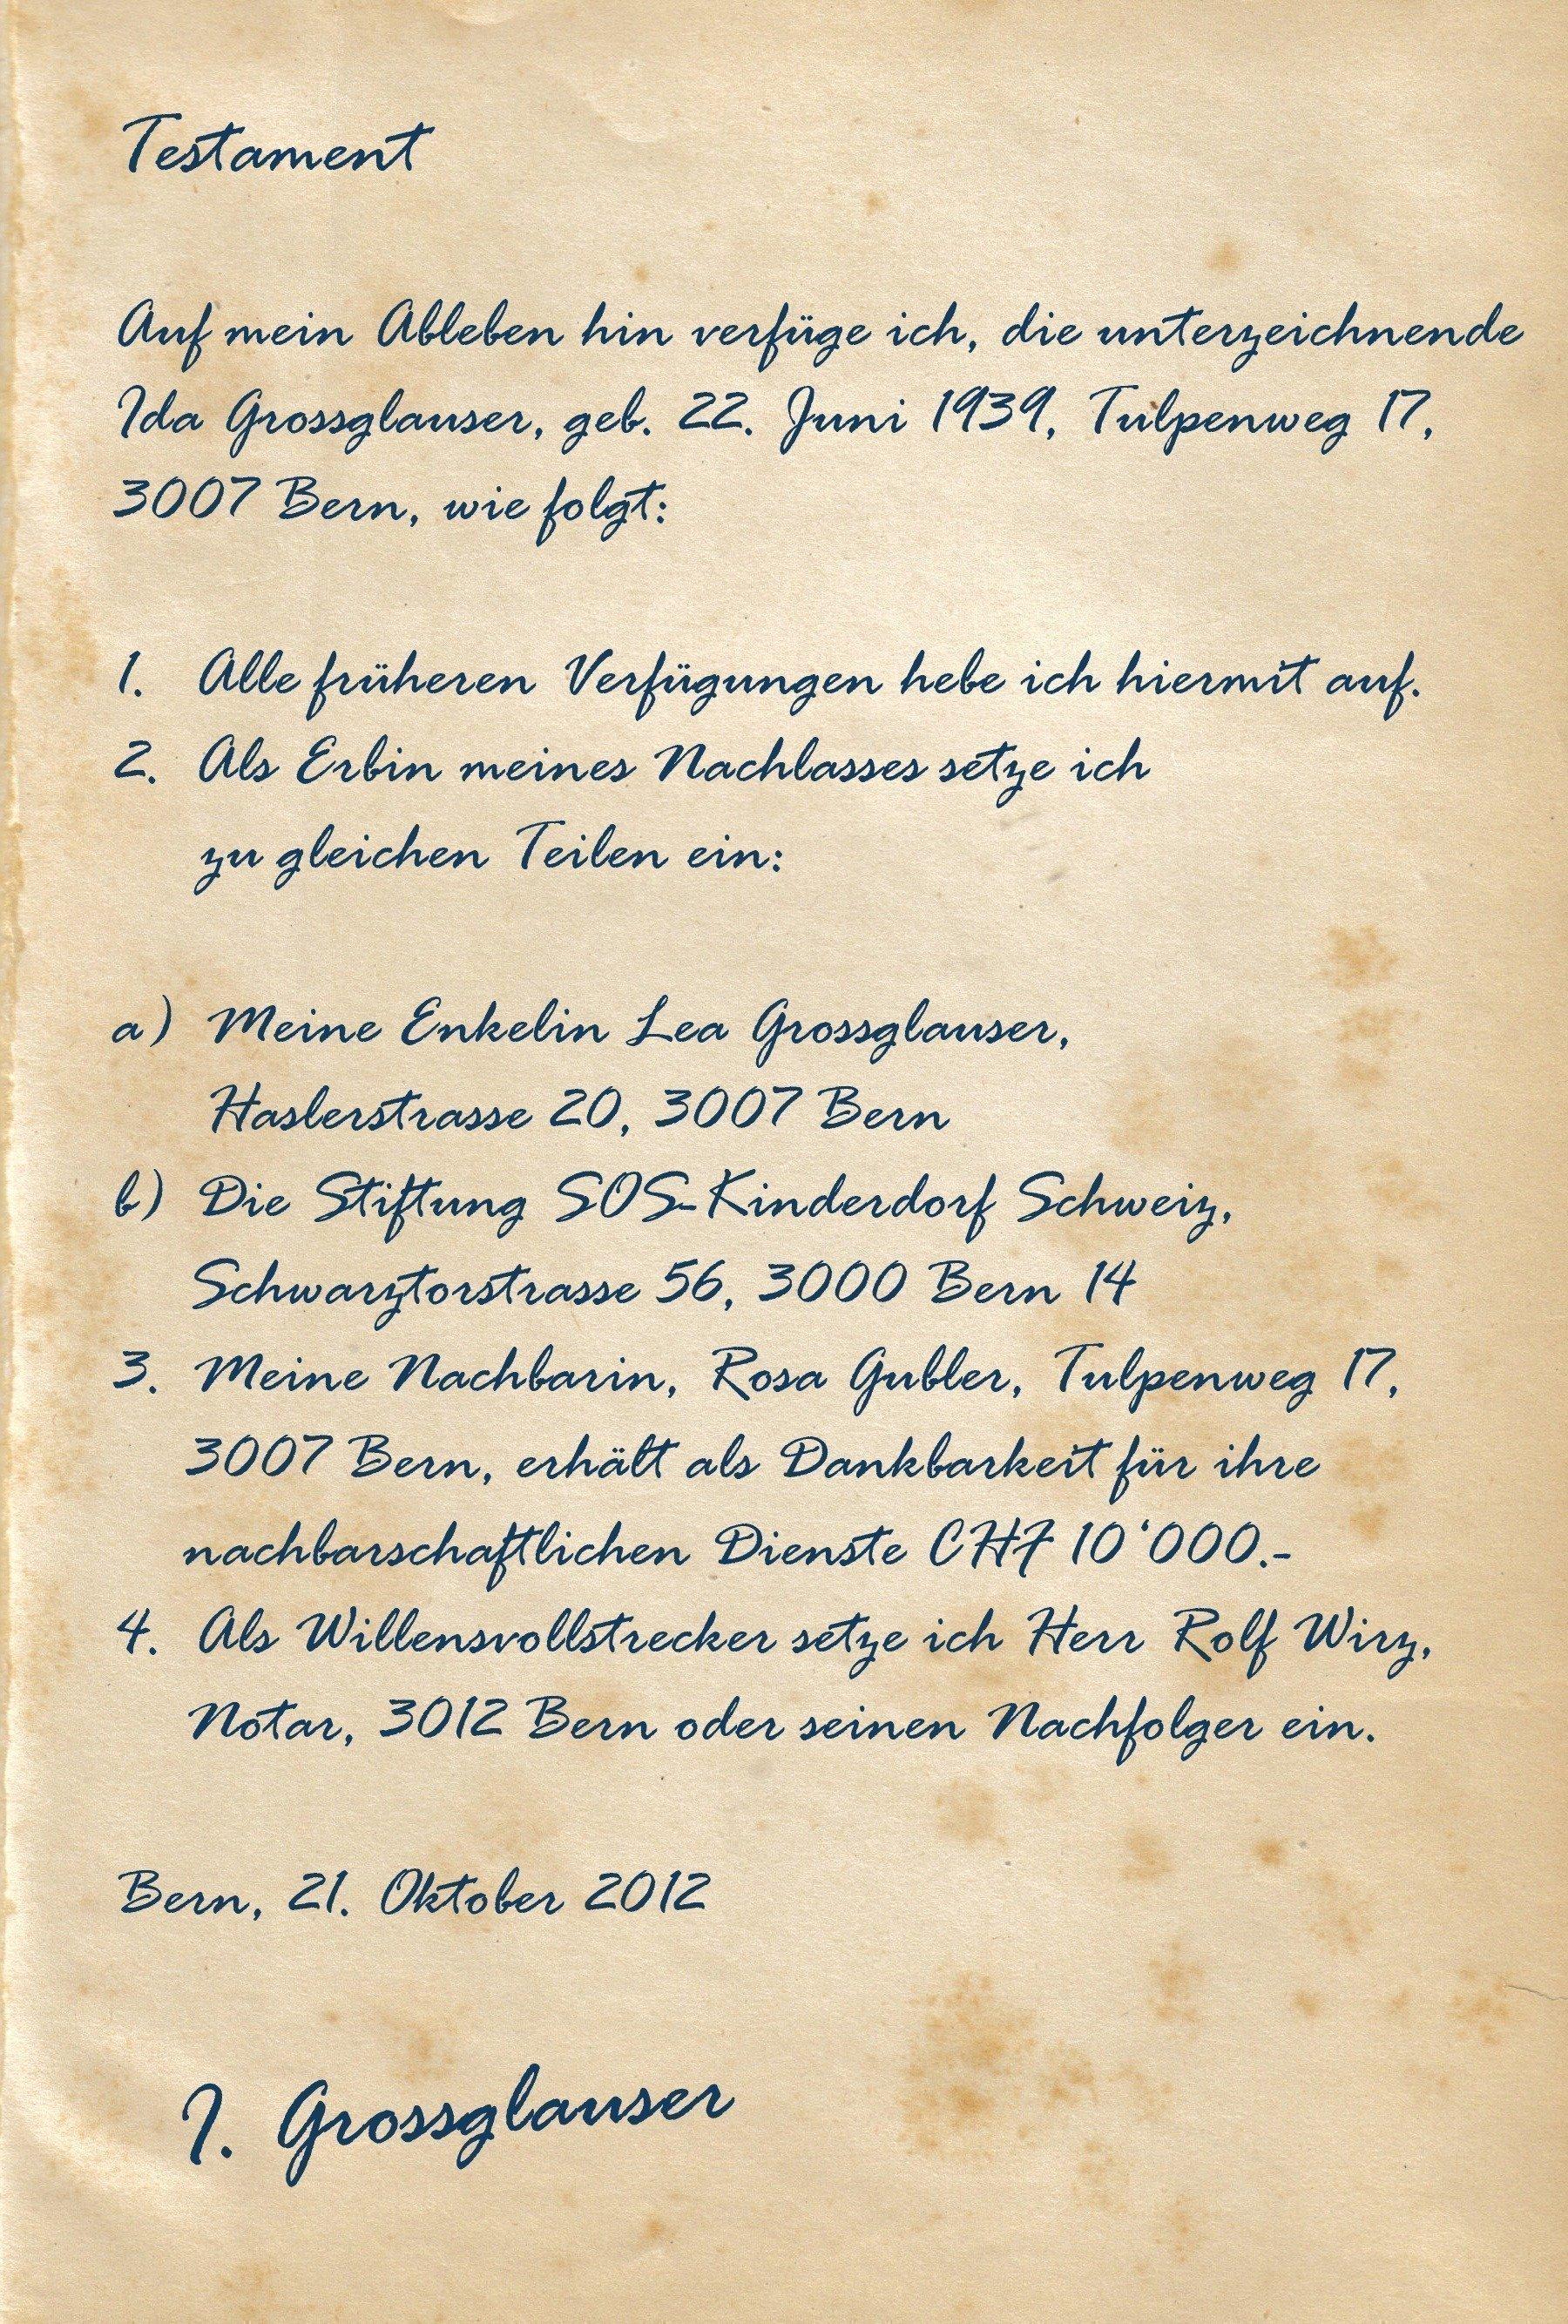 Handschriftlich